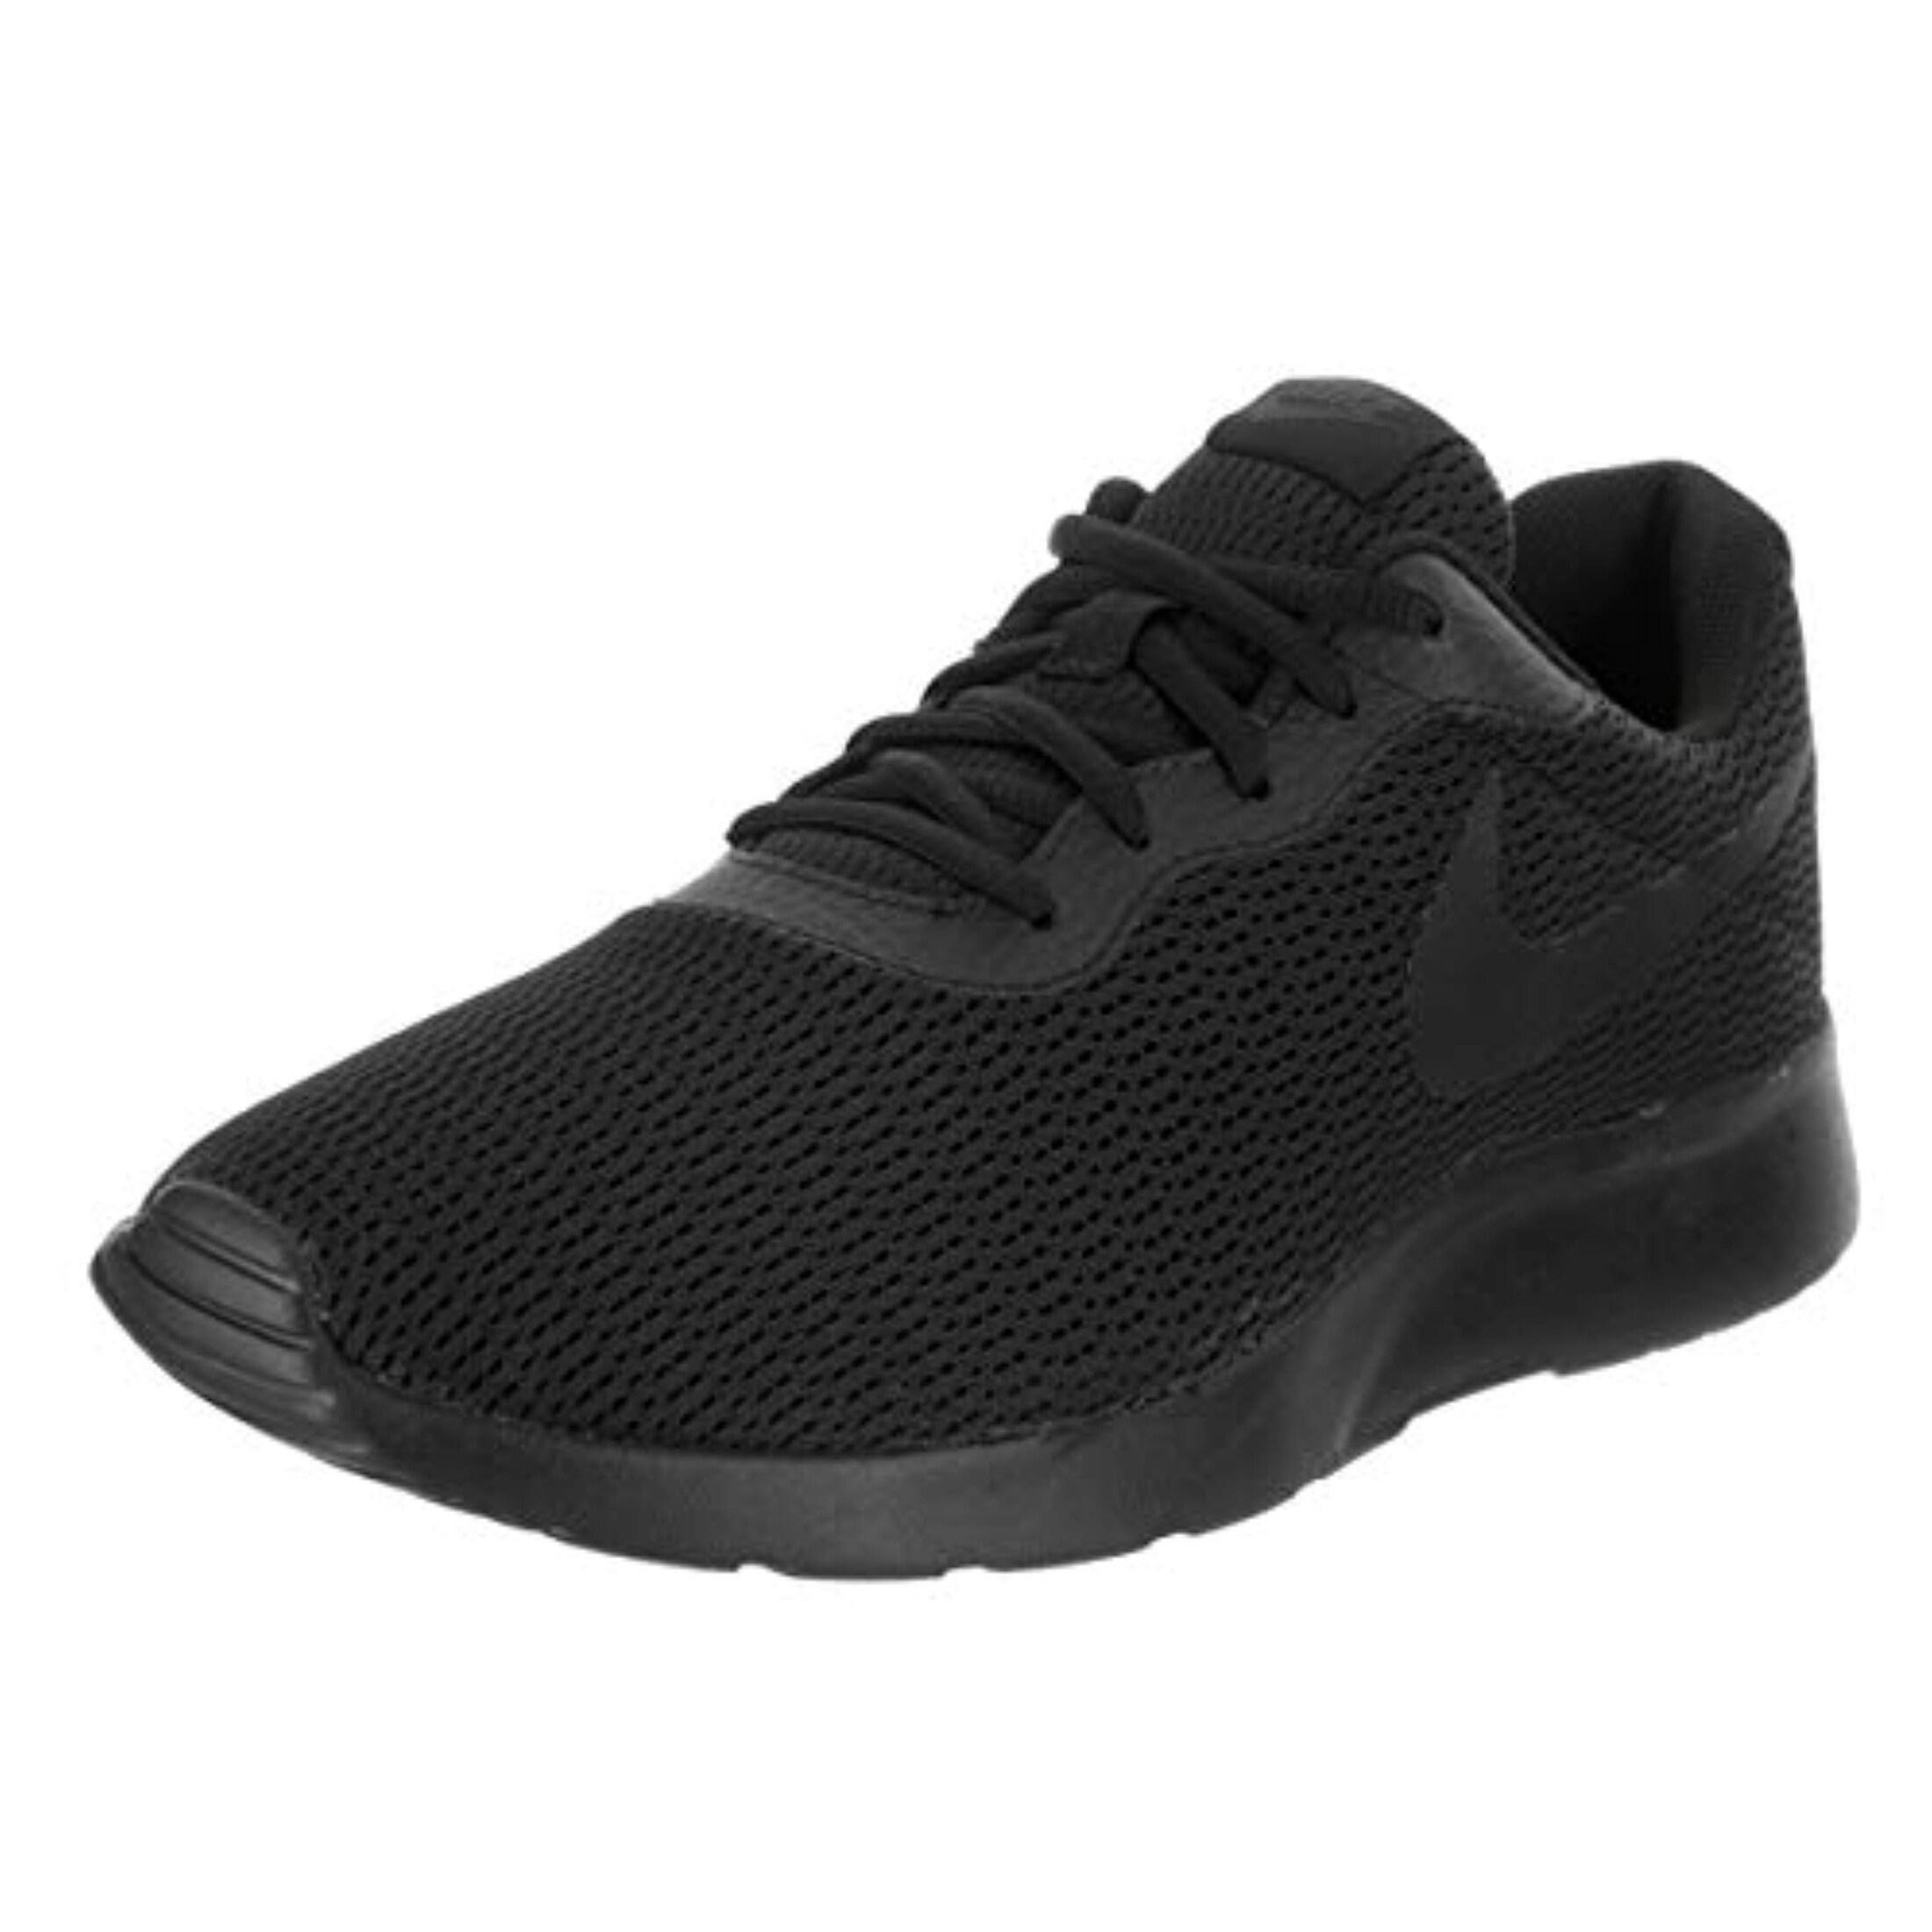 Nike Men's Tanjun Wide (4E) Black/Anthracite/Black Running Shoe 12 4E Men Us